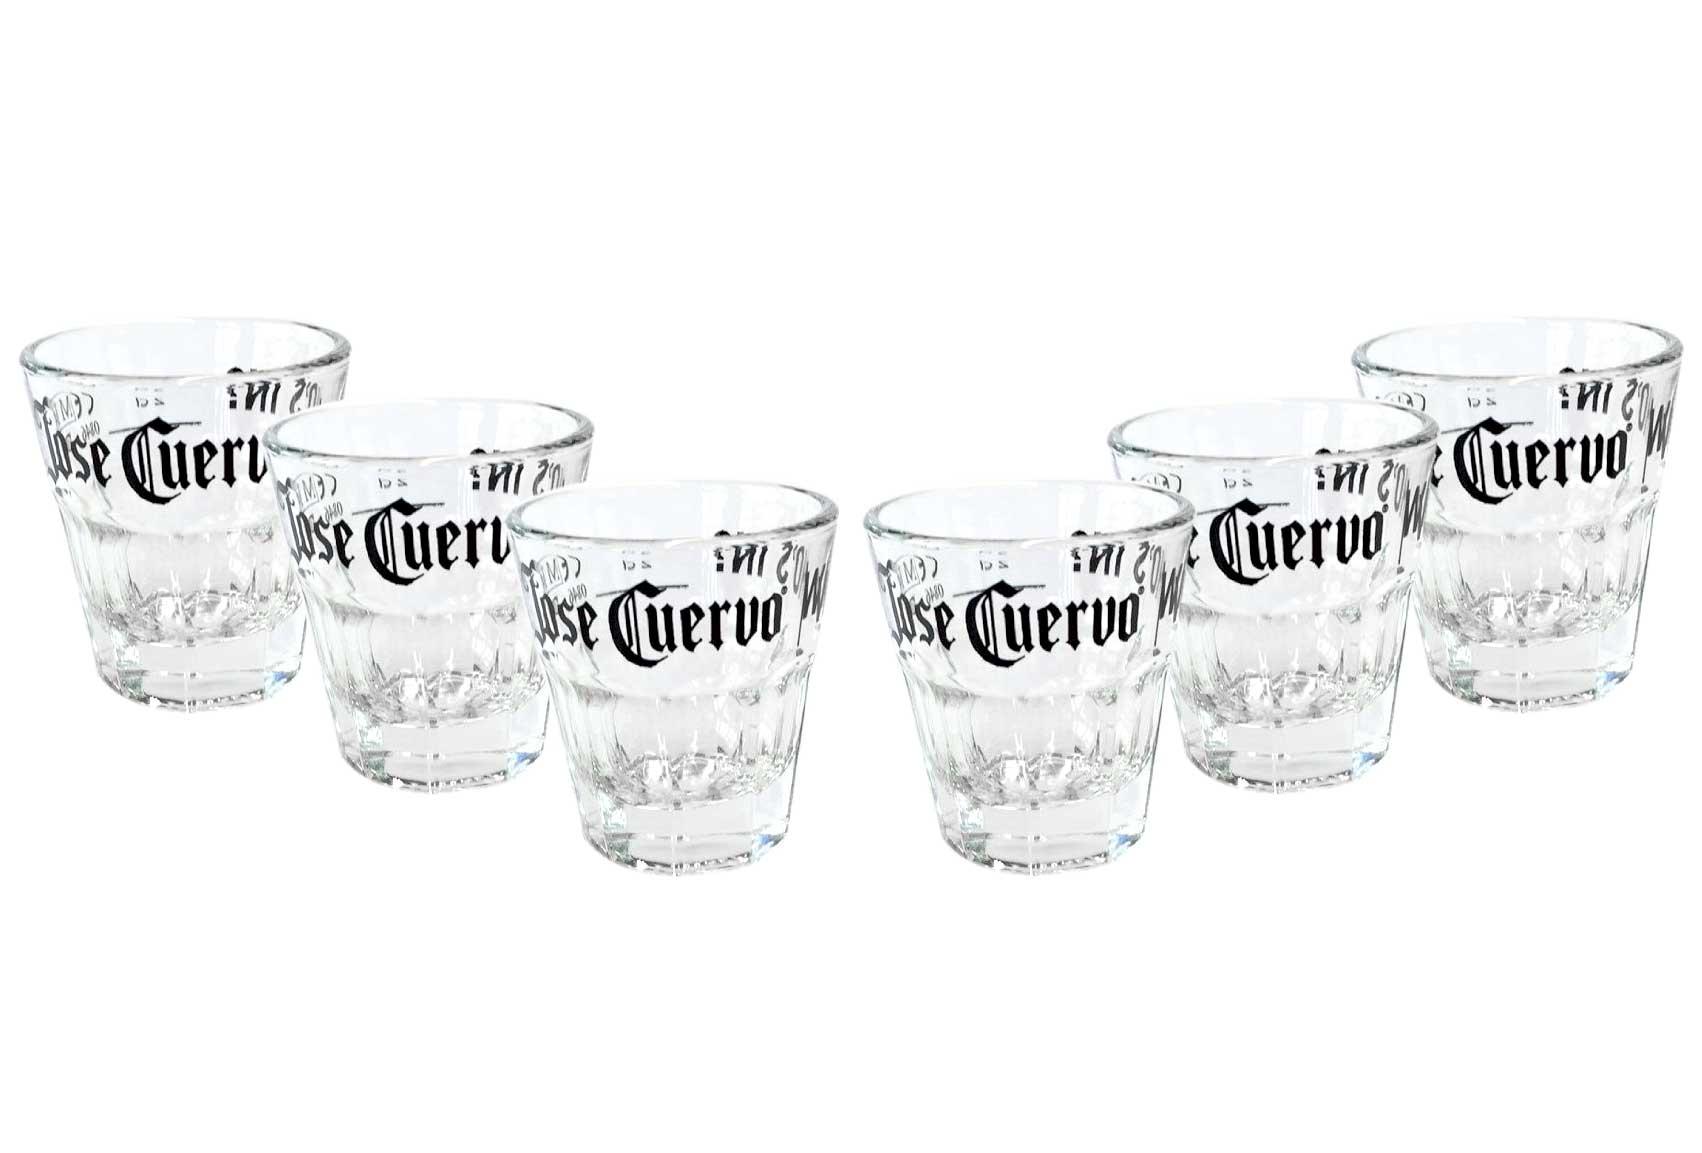 6 Jose Cuervo Tequila glas Shotgläser 2 cl Gläser